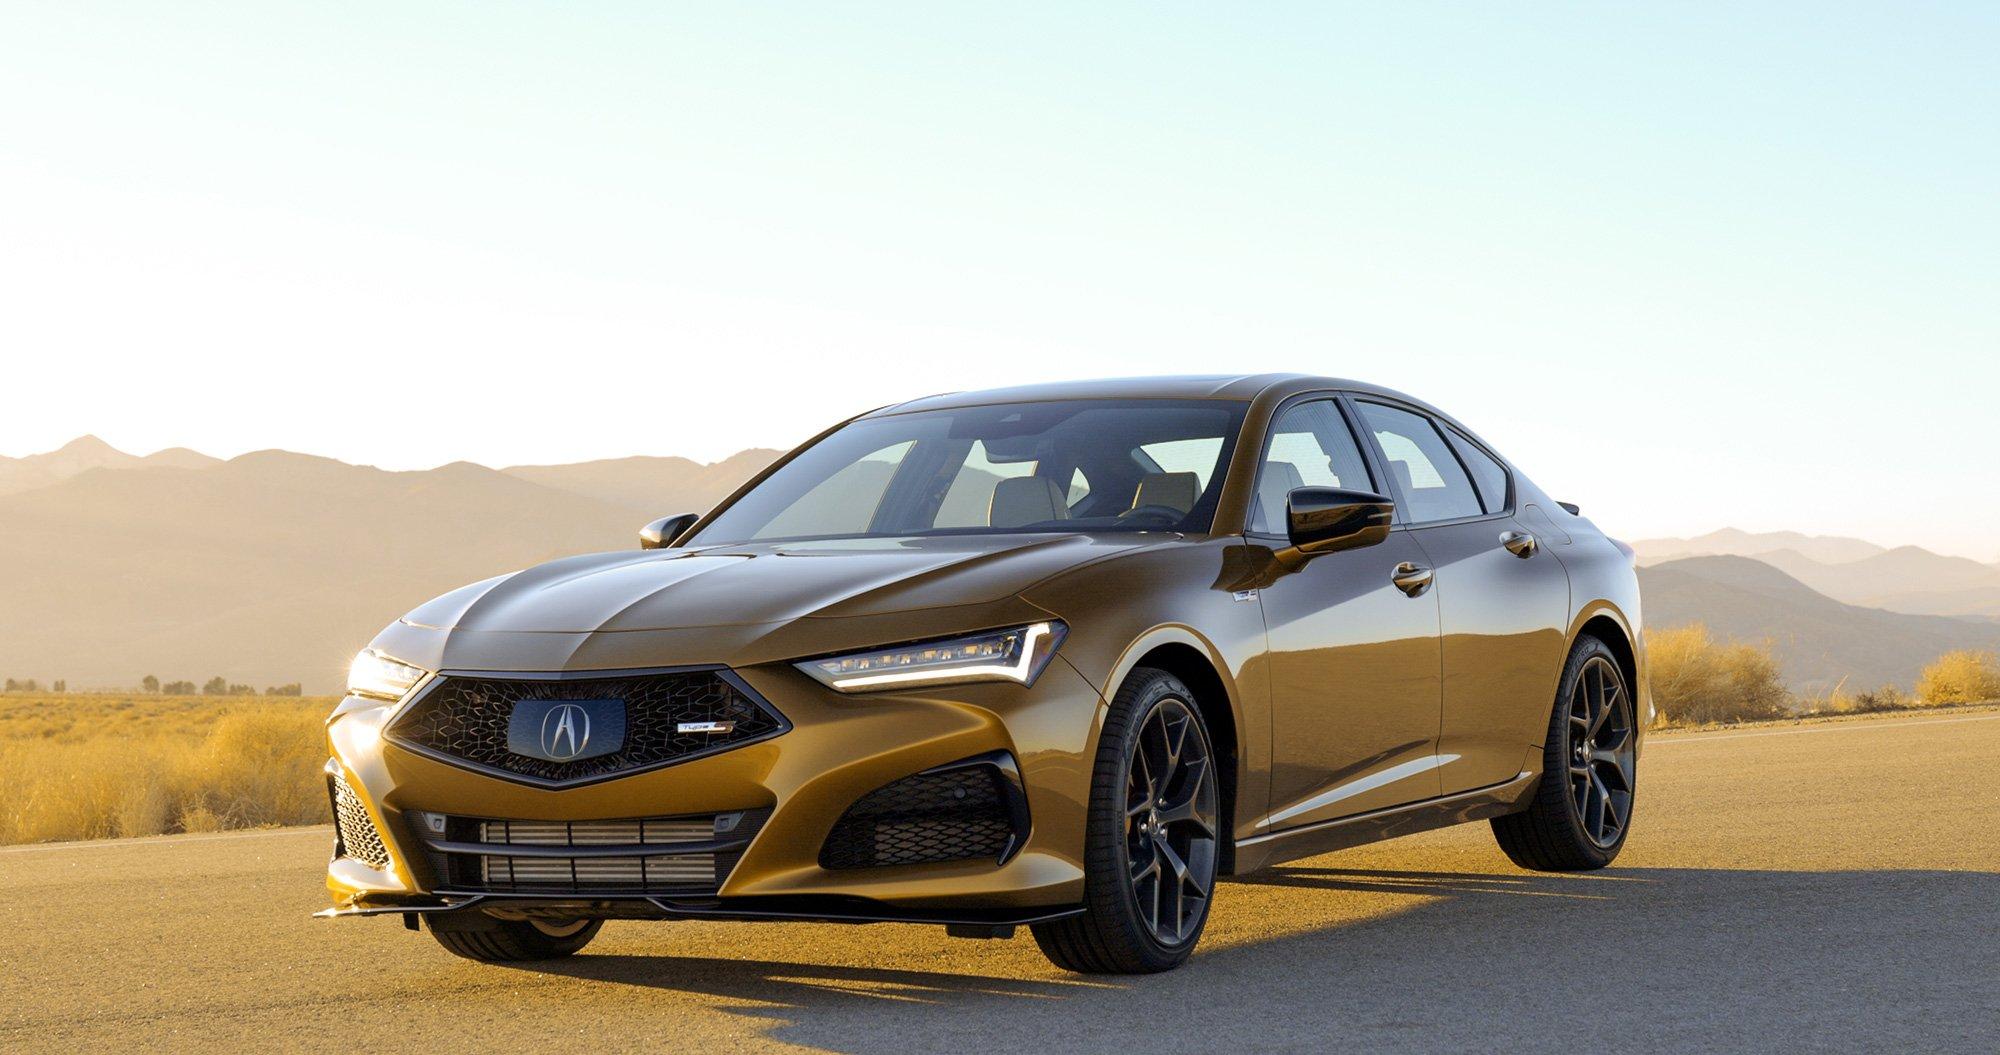 Acura-TLX-Type-S-frente